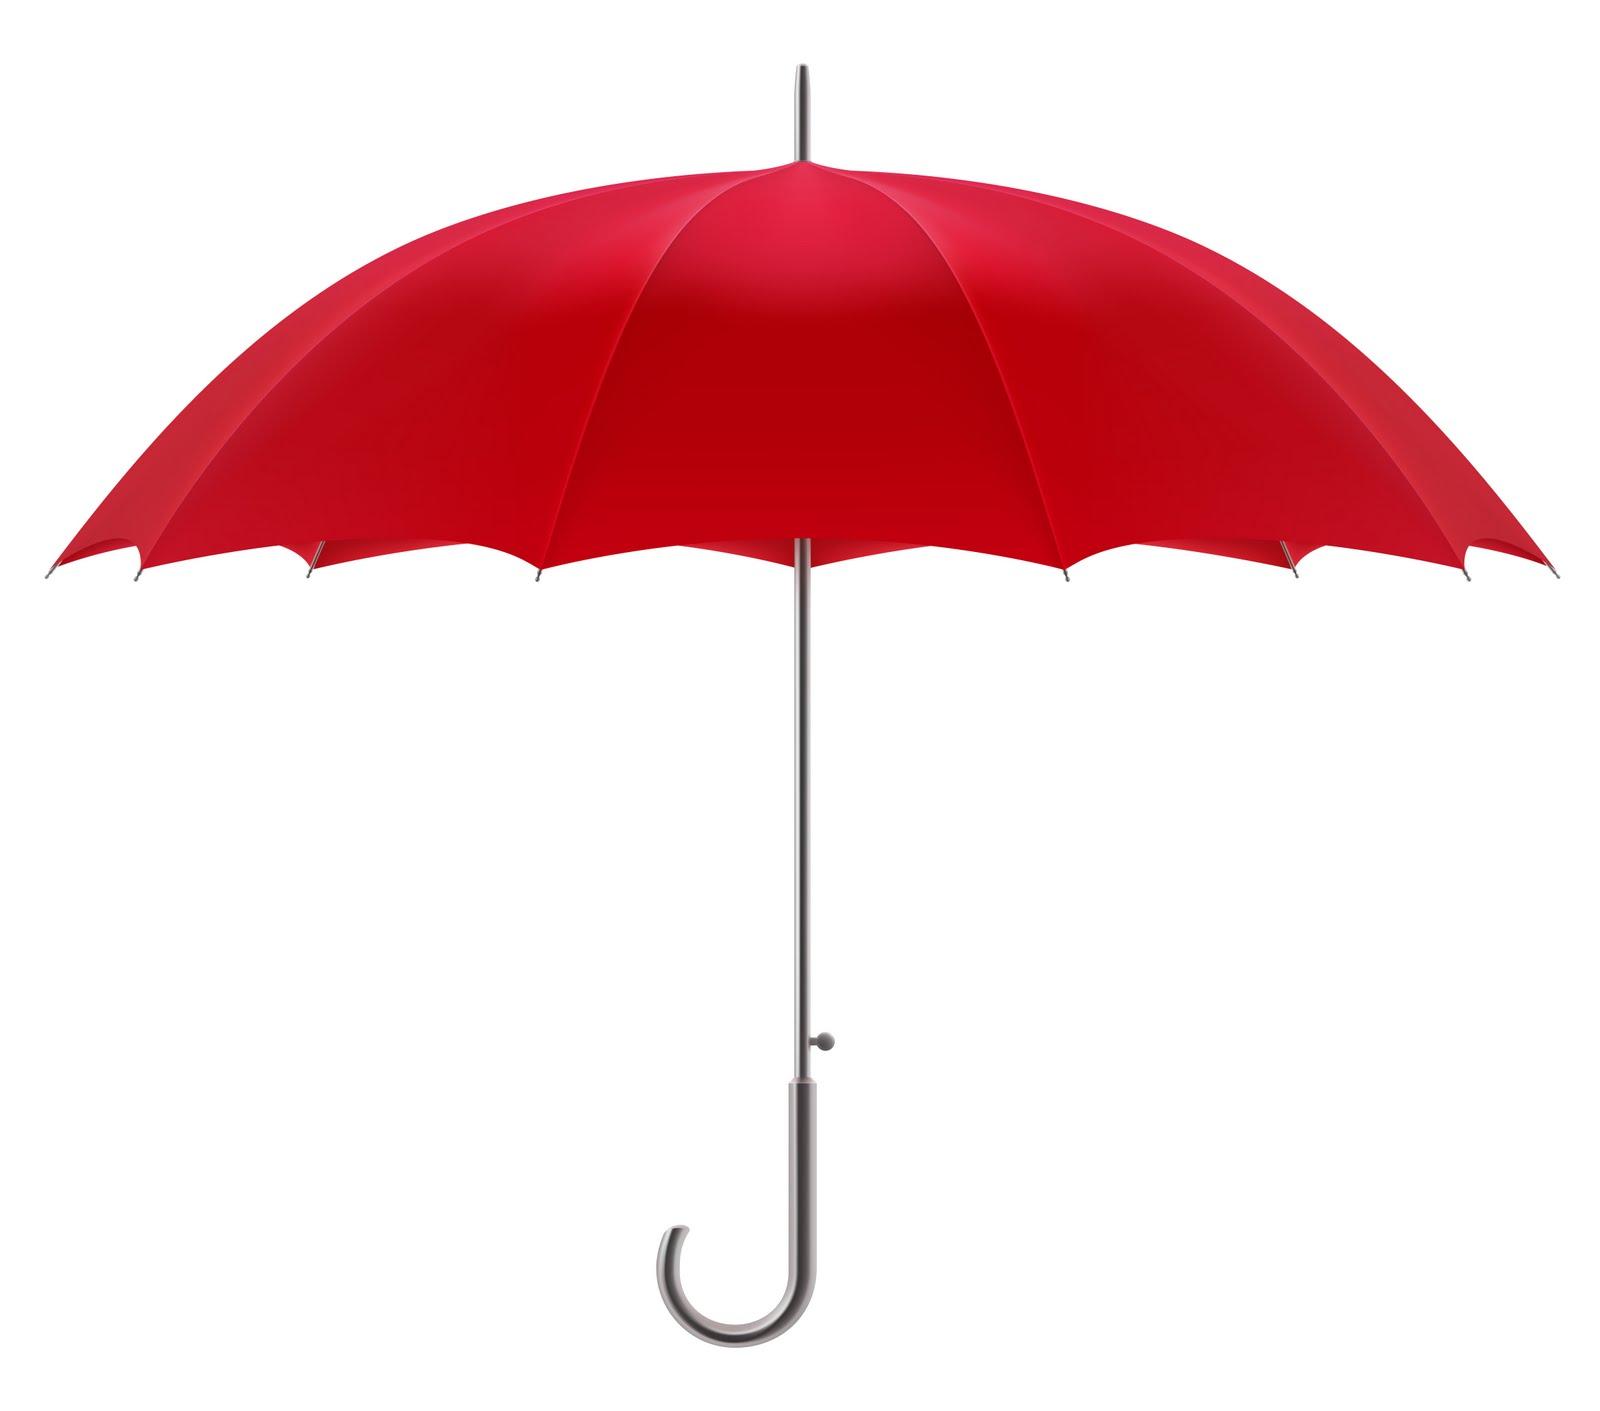 Umbrella Pictures - ClipArt Best